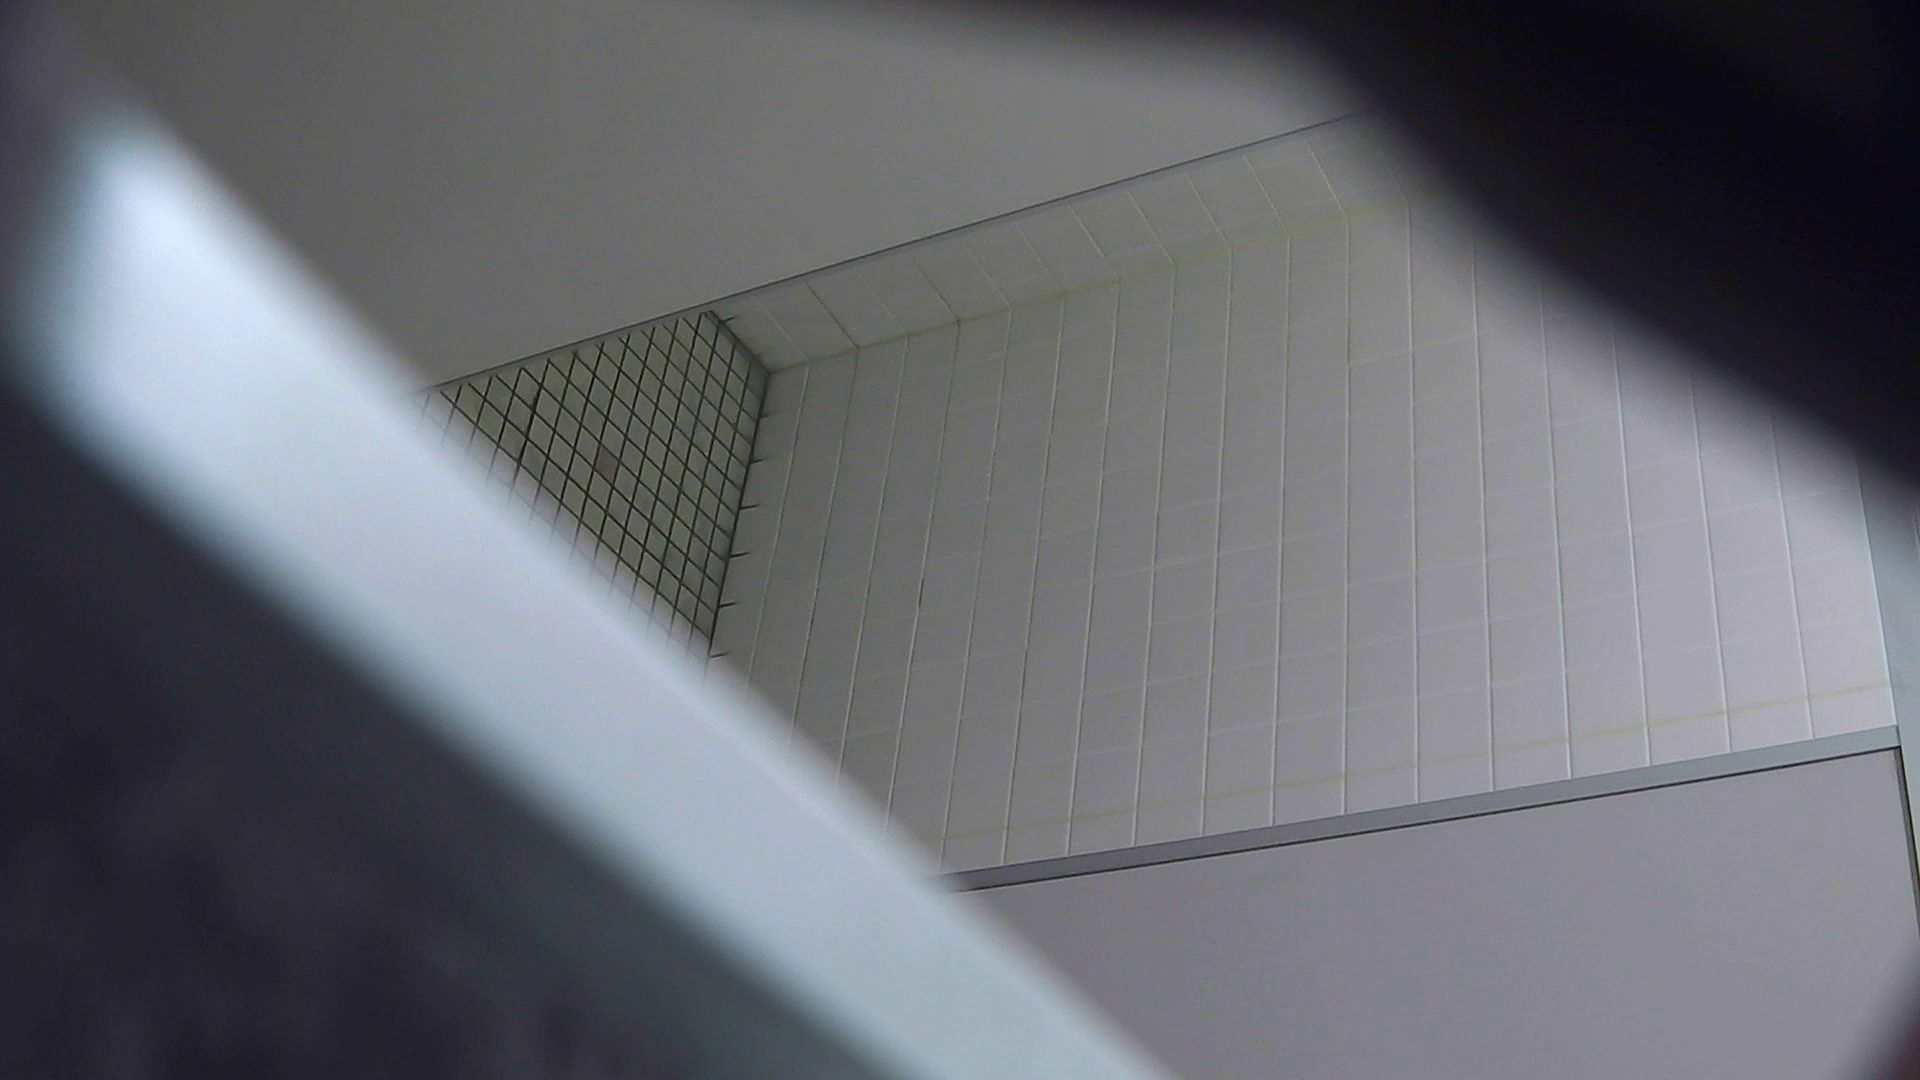 vol.03 命がけ潜伏洗面所! 薄毛がたまりません。 プライベート 性交動画流出 85画像 47